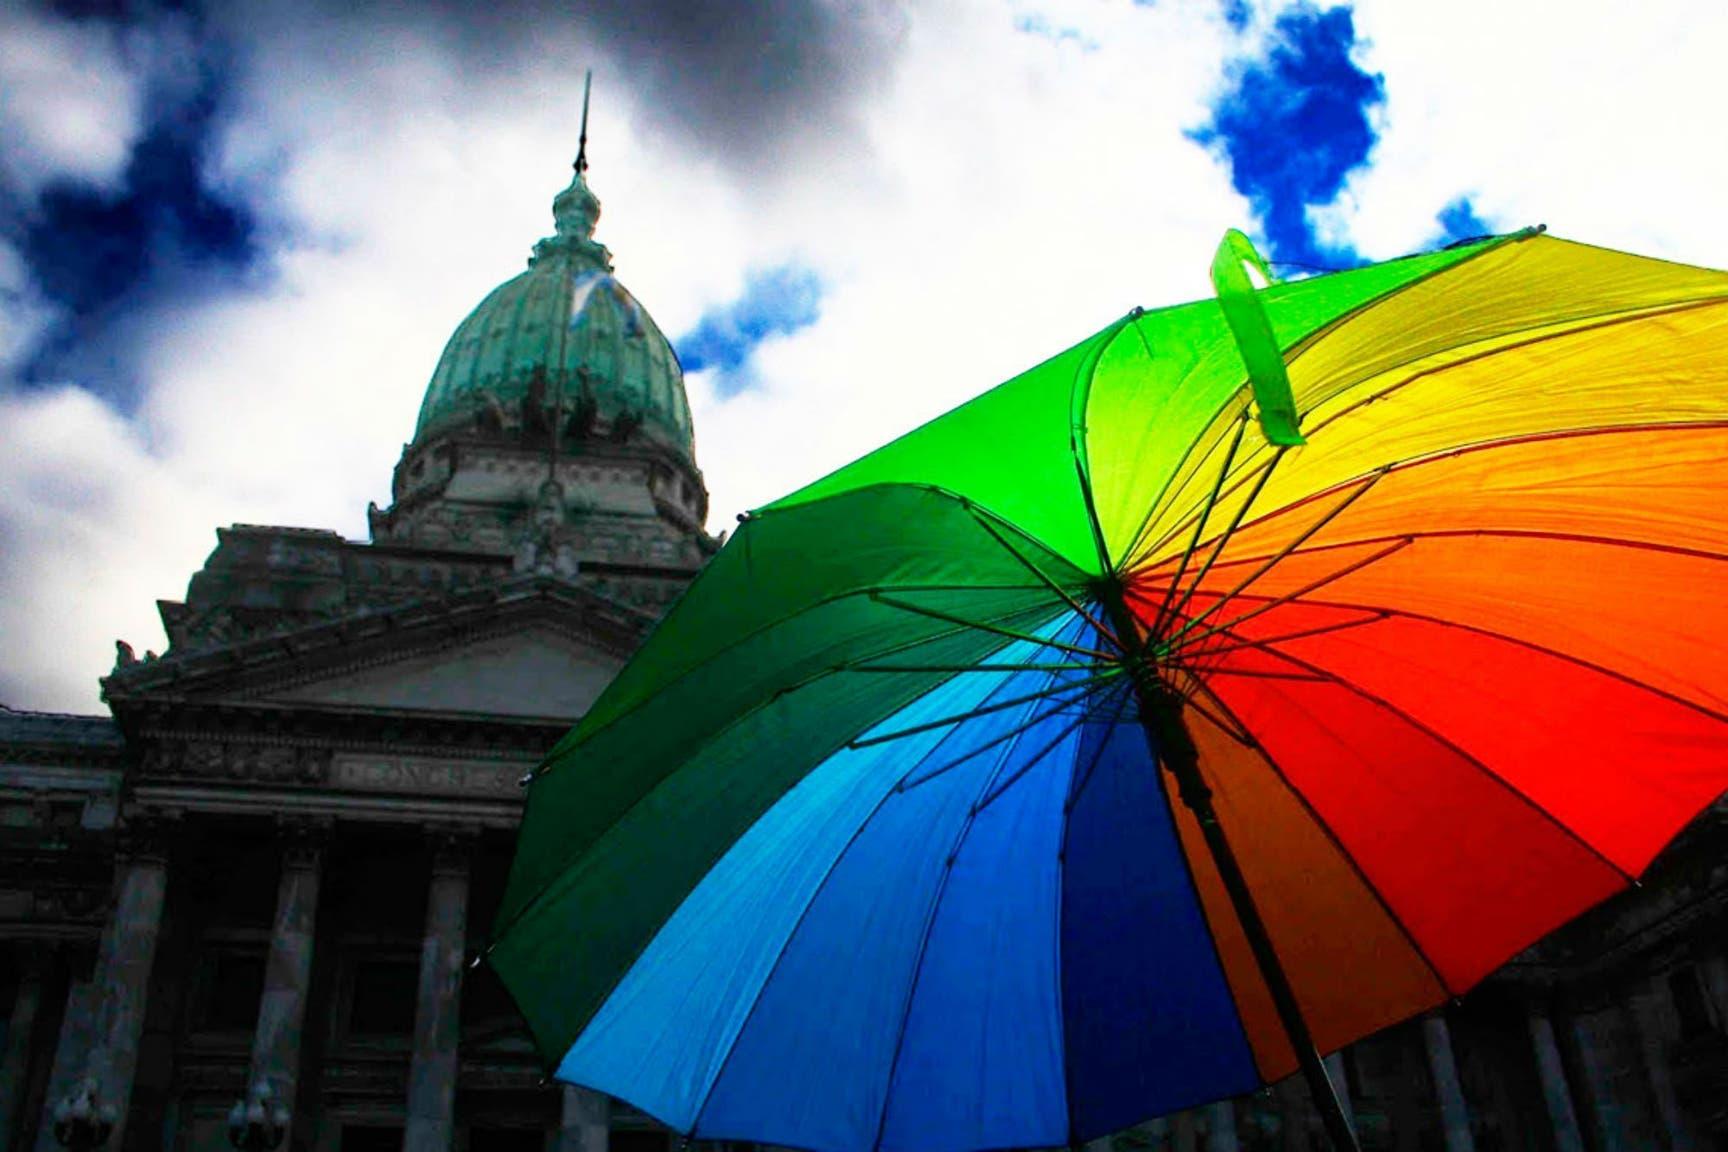 El Gobierno celebró el aniversario de la ley de matrimonio igualitario y pidió más derechos para las minorías sexuales